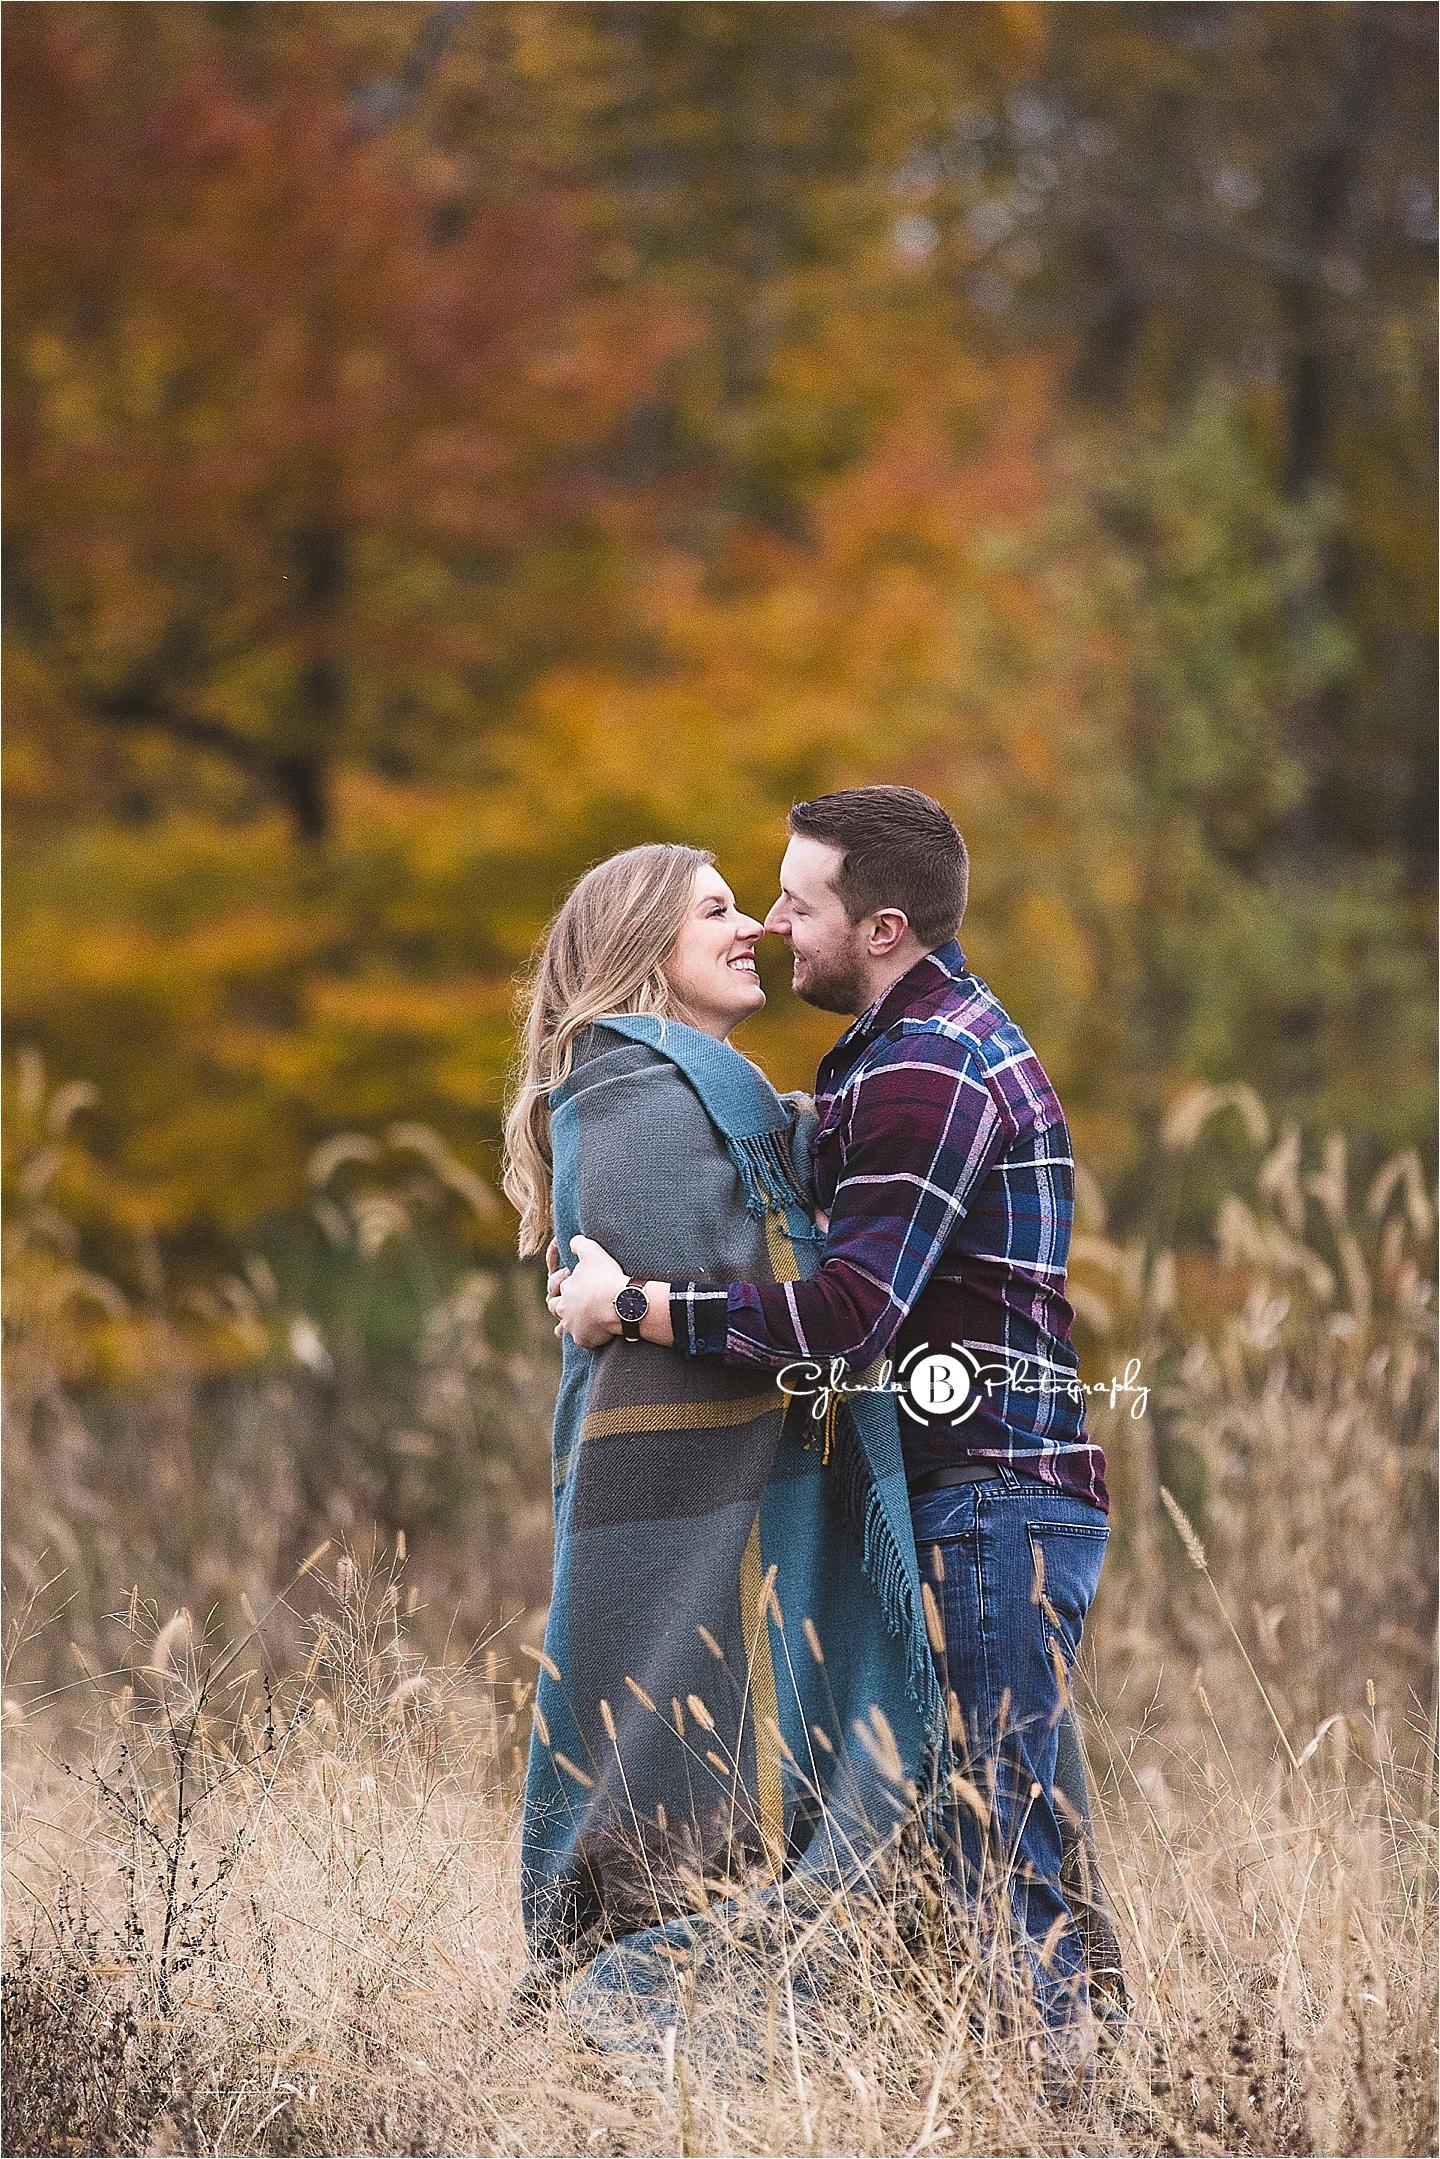 Syracuse Wedding Photographer, Cylinda B Photography, The Farm, Engagement Session, Syracuse